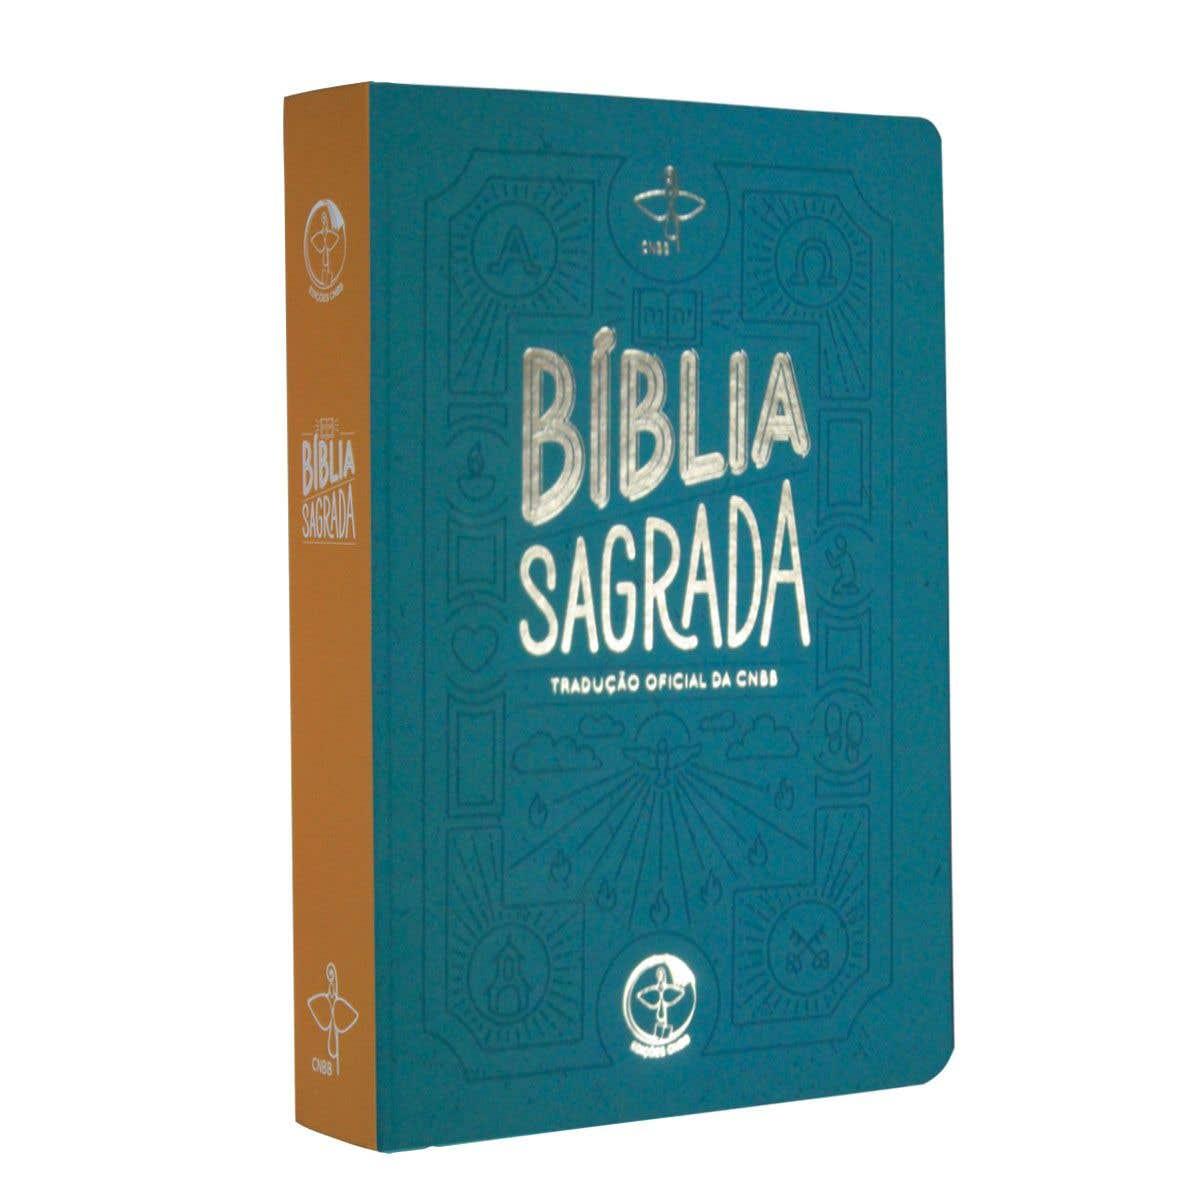 Bíblia Sagrada Tradução Oficial